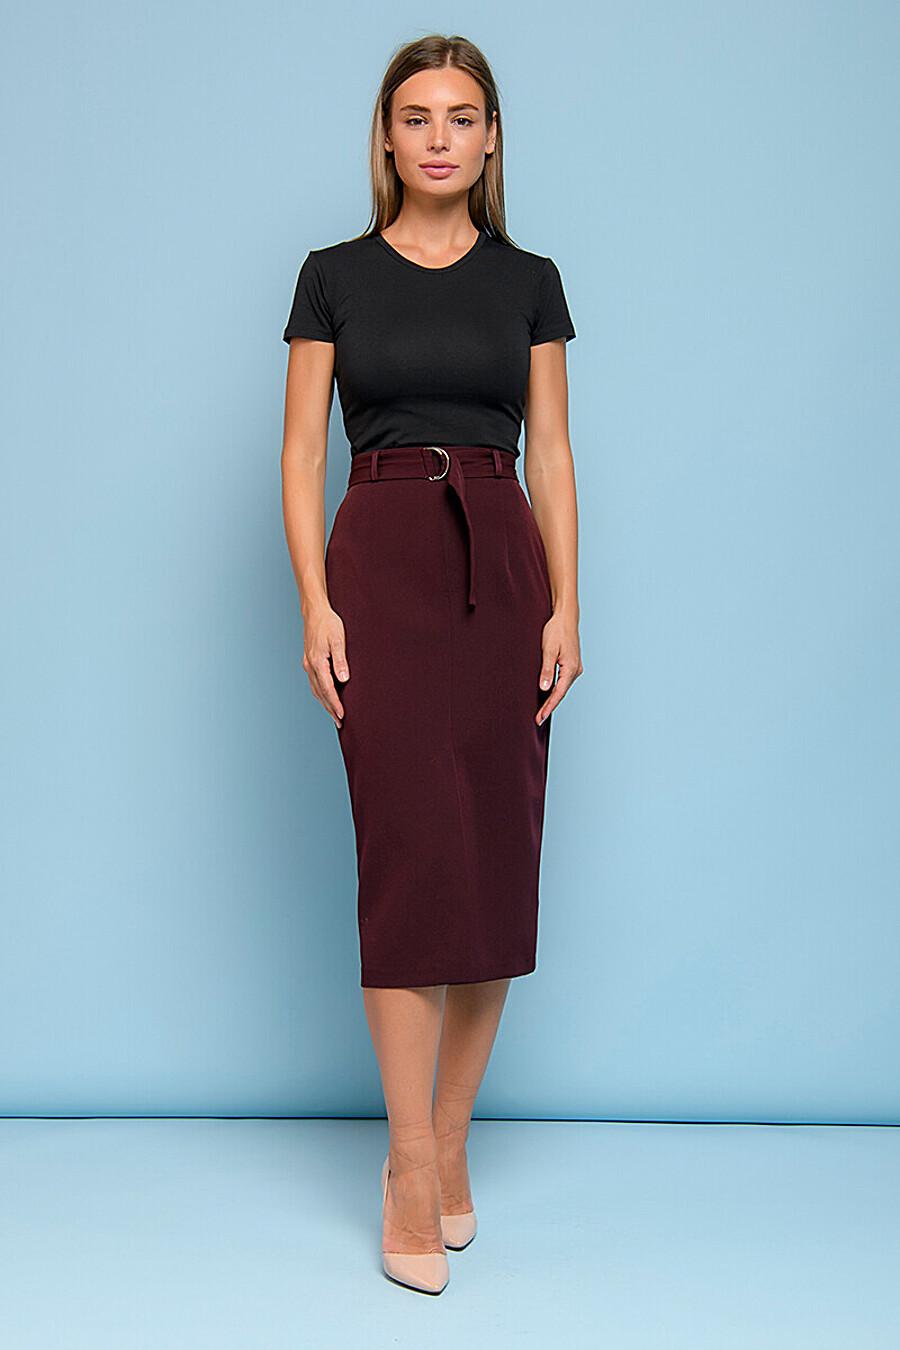 Юбка для женщин 1001 DRESS 682113 купить оптом от производителя. Совместная покупка женской одежды в OptMoyo